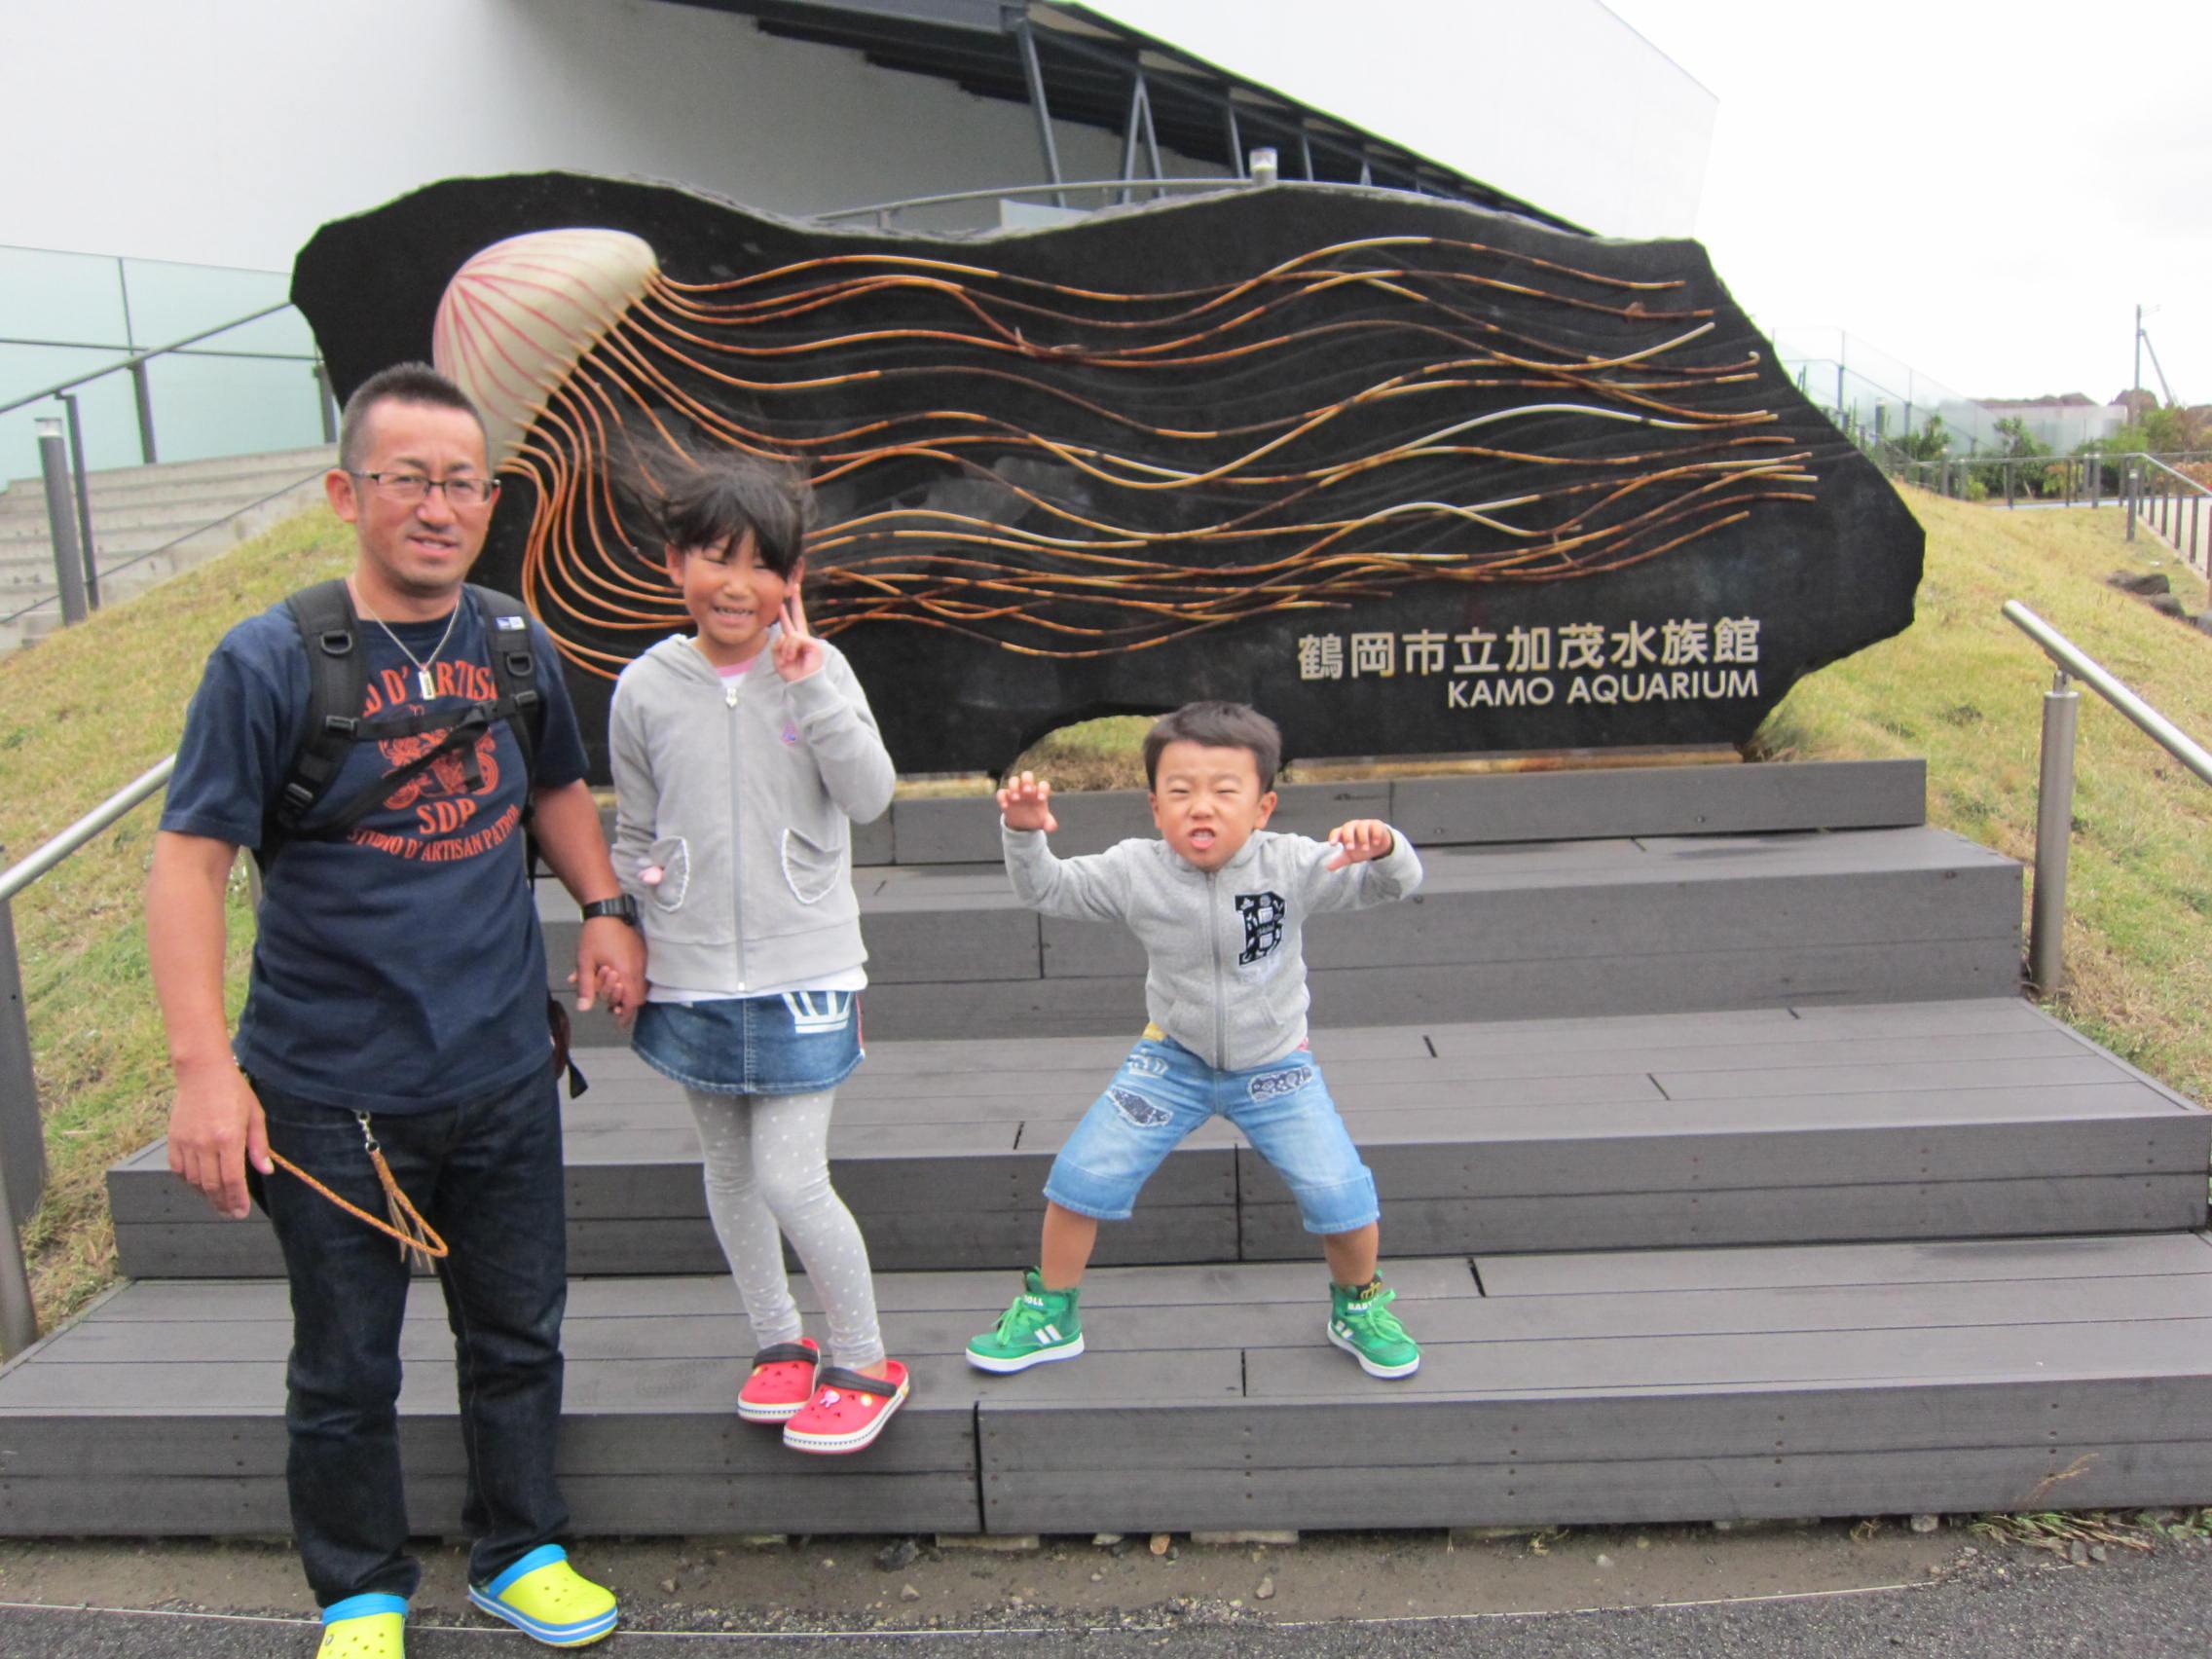 加茂水族館に・・・行って来たーーー!!